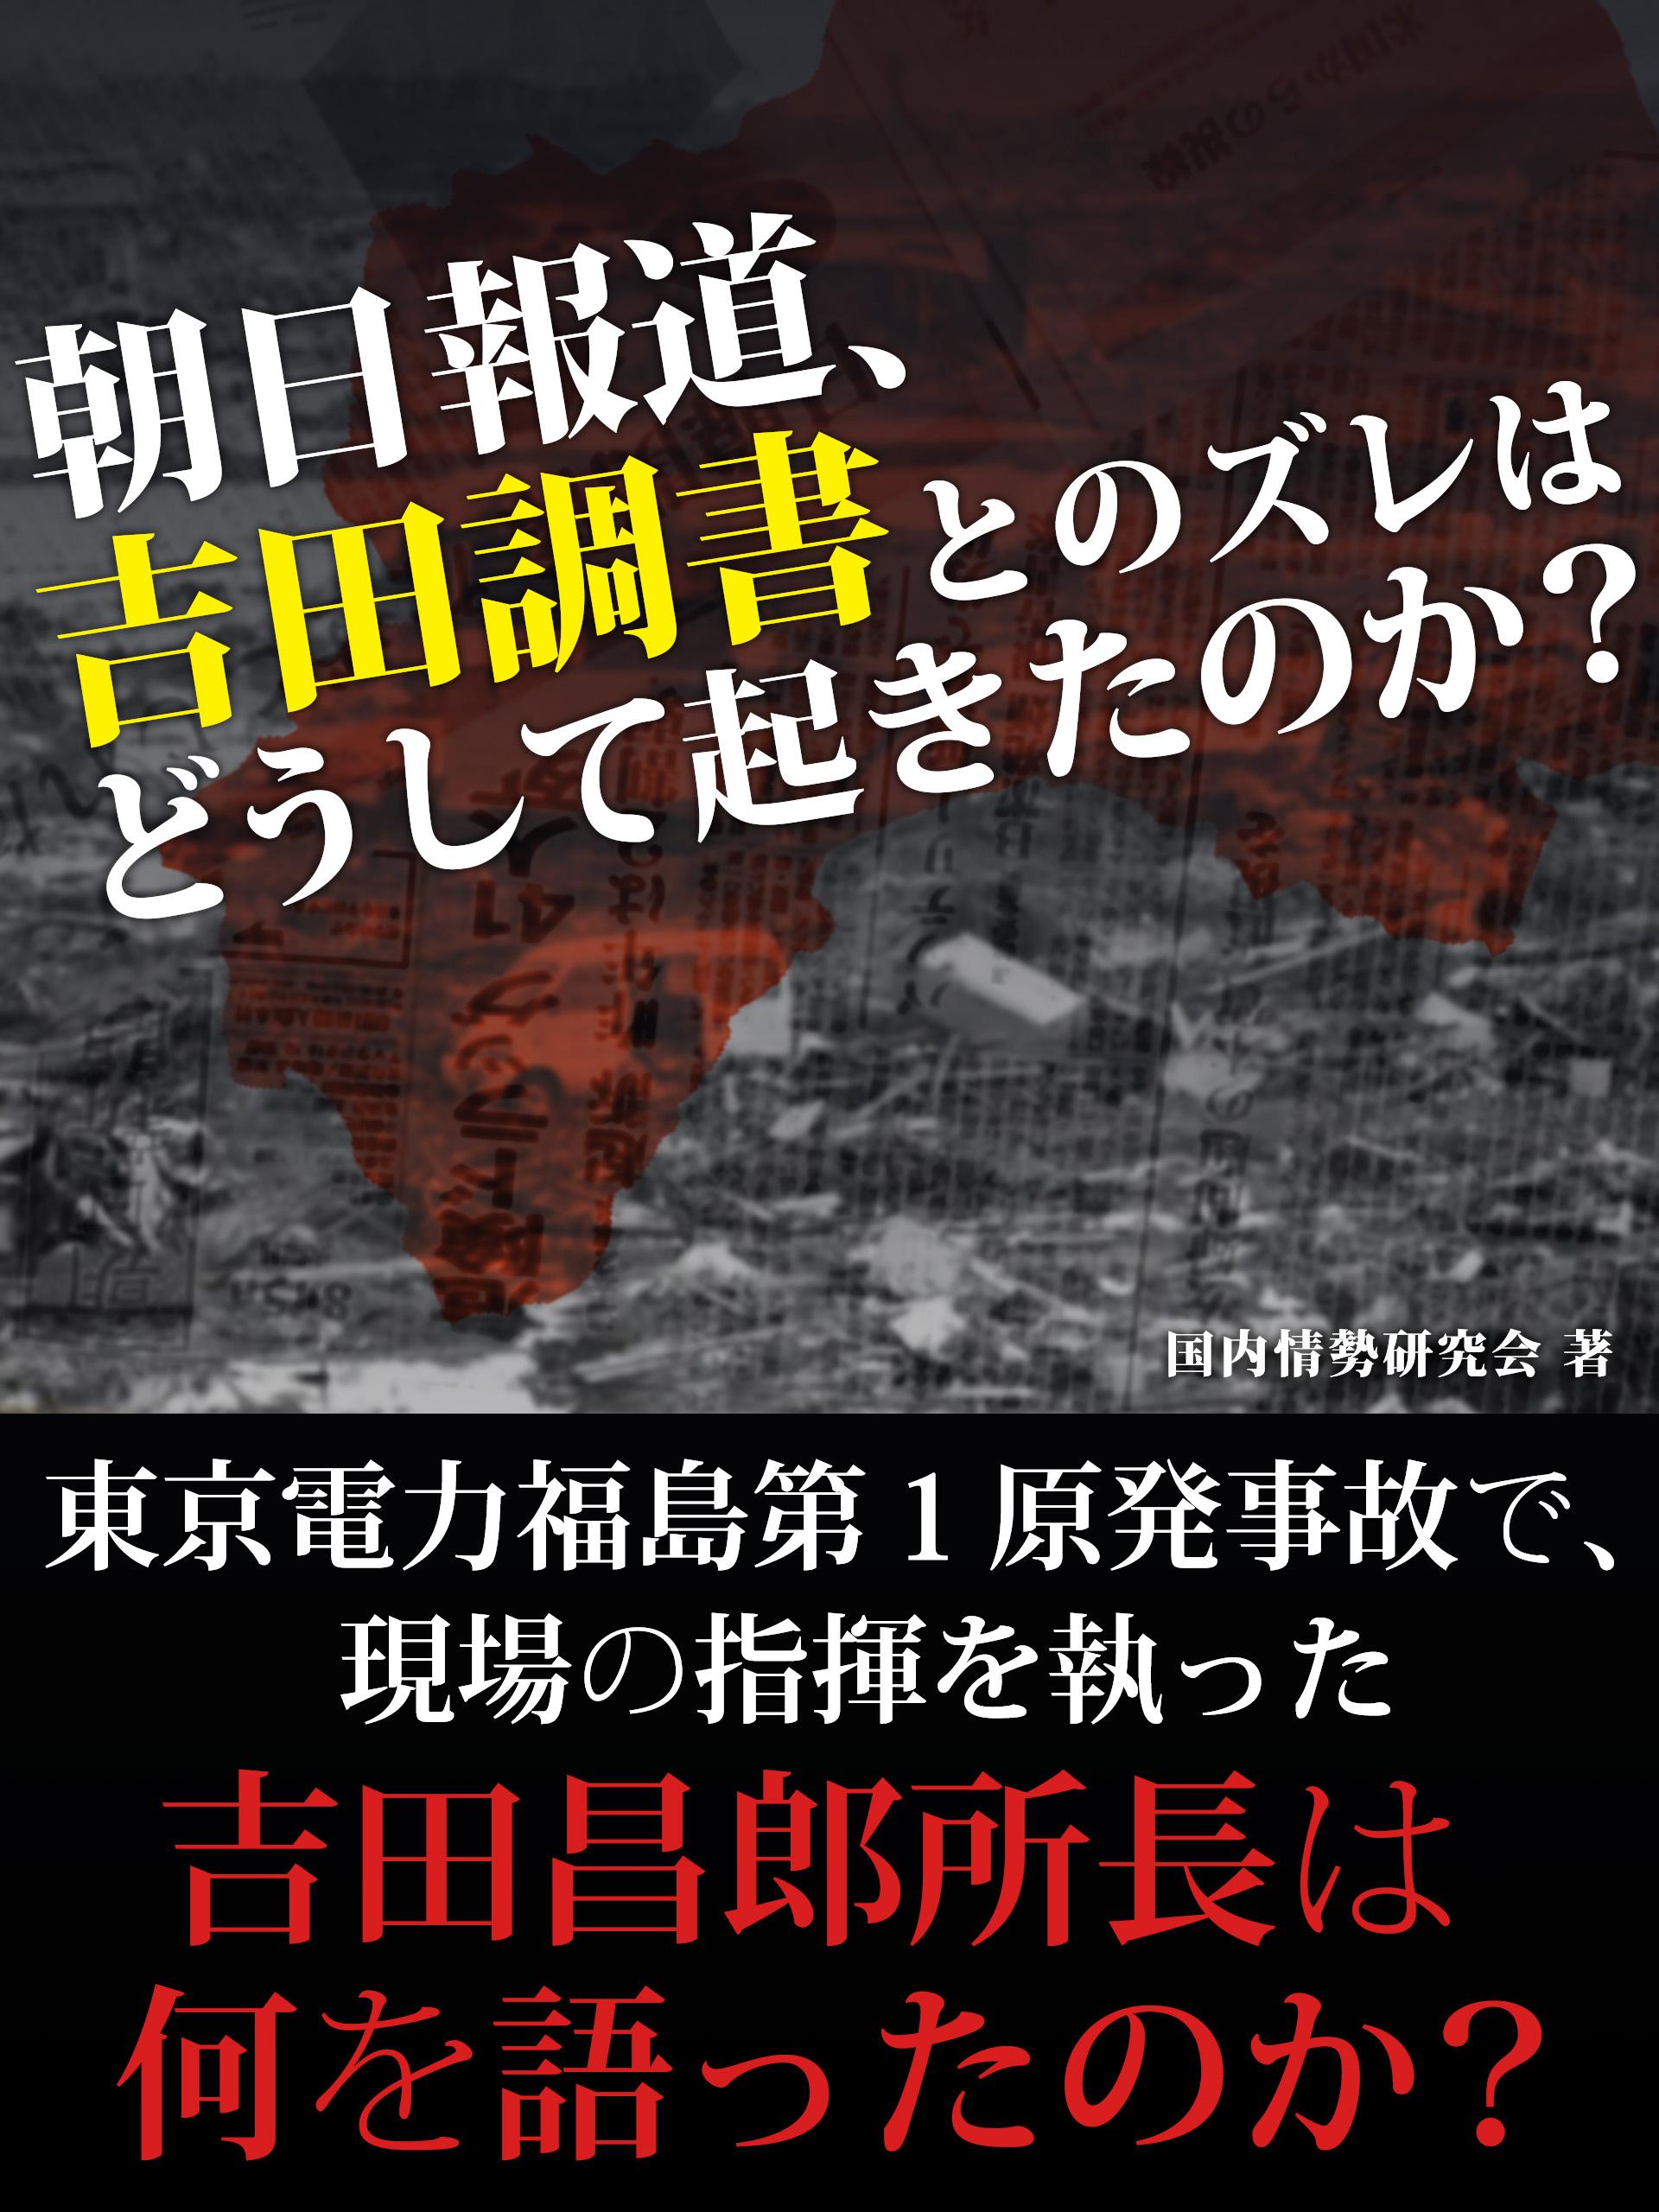 朝日報道、吉田調書とのズレはどうして起きたのか?